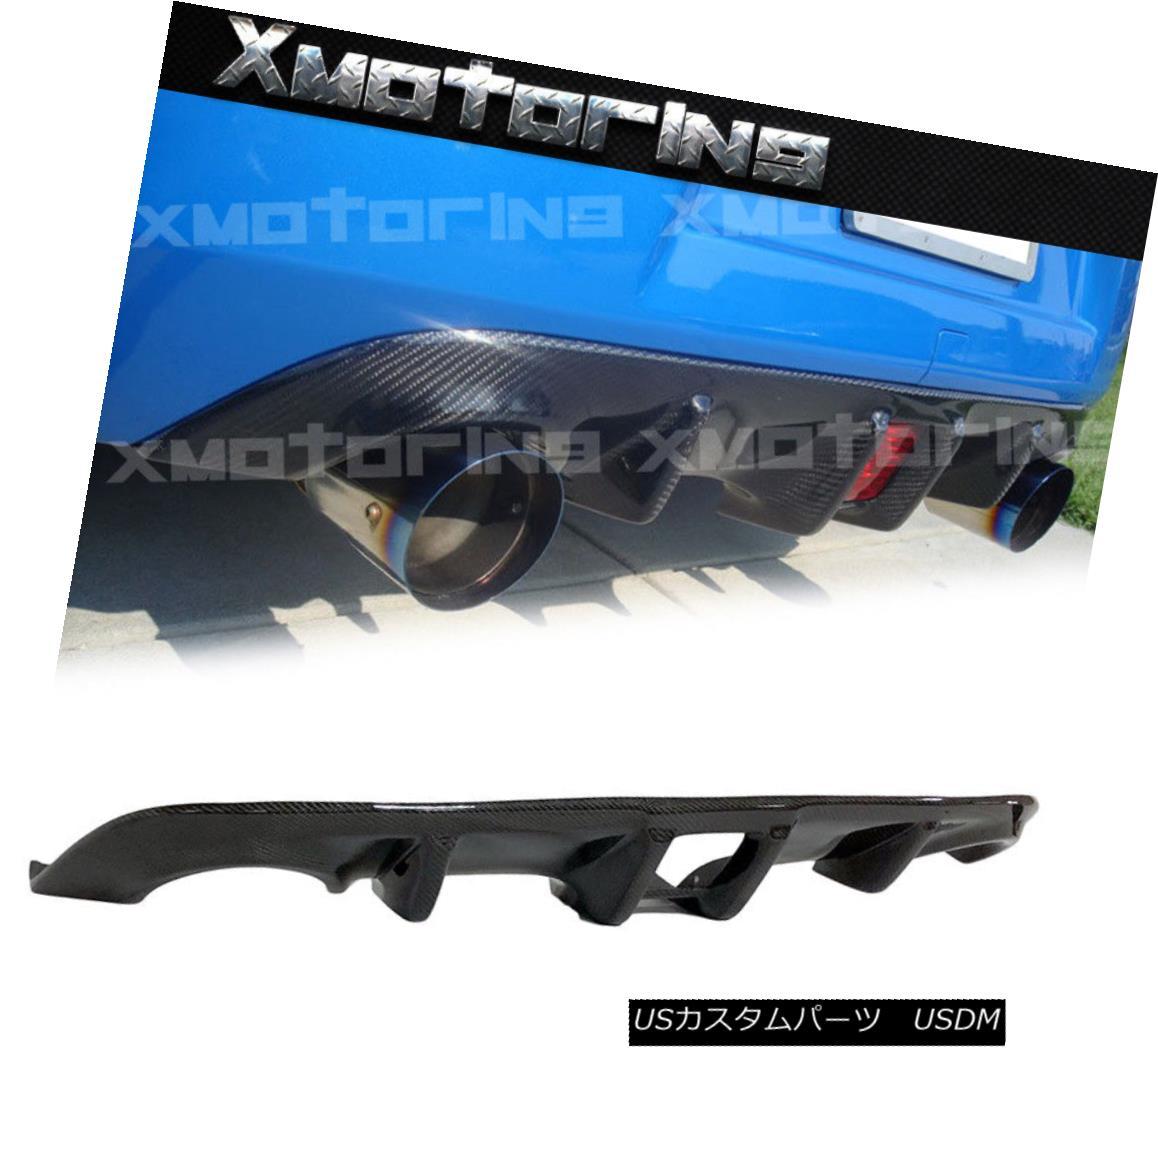 エアロパーツ Carbon Fiber Rear Bumper Diffuser Fit On 10-17 Nissan 370Z Fairlady Z34 2DoR Use 炭素繊維リアバンパーディフューザーフィット10-17日産370ZフェアレディZ34 2DoR使用